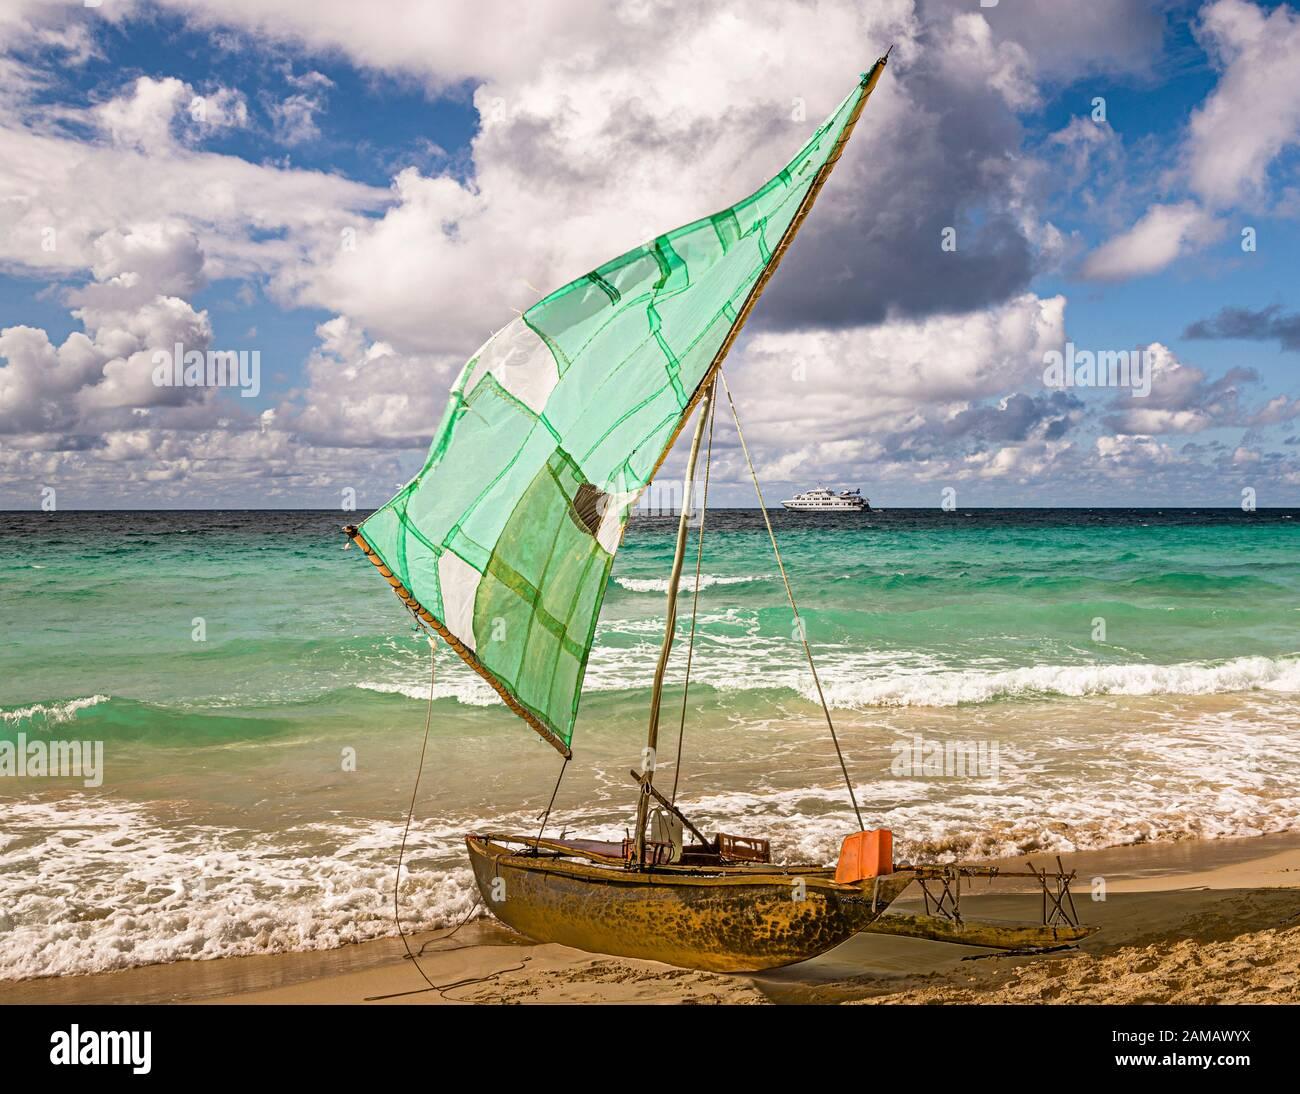 Locali e turisti si incontrano su una spiaggia a Papua New Guinea Foto Stock